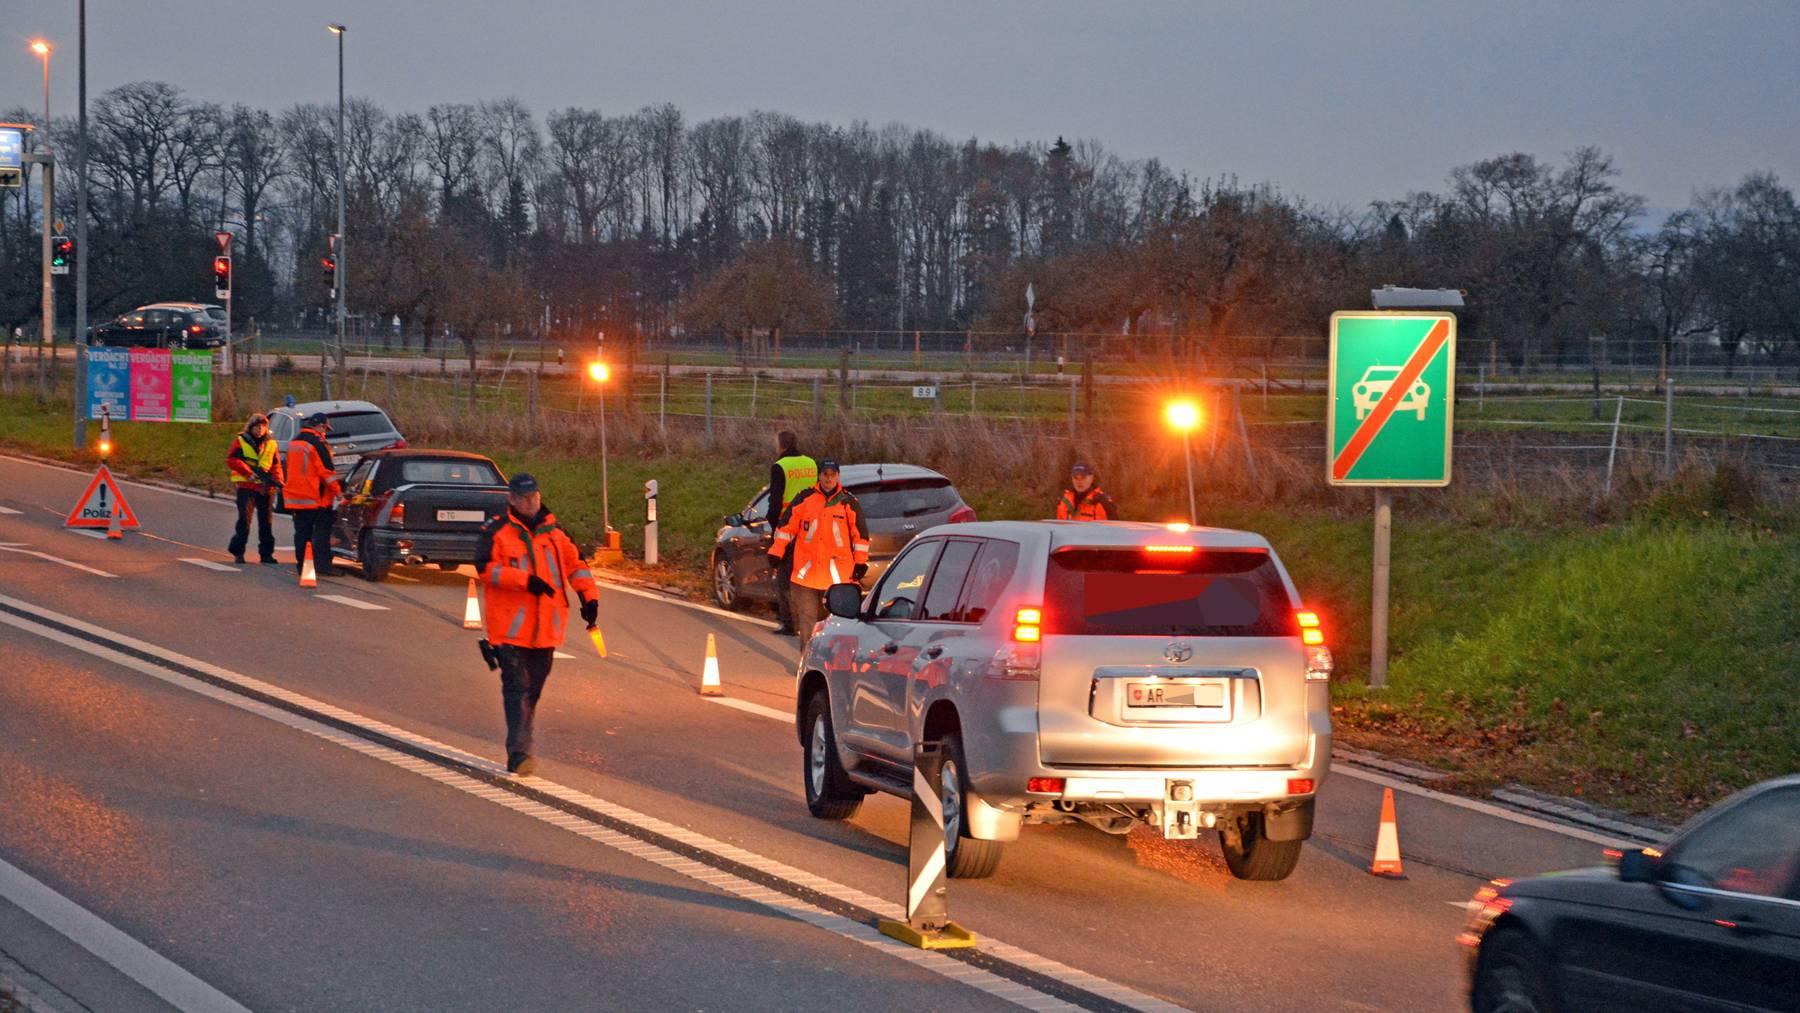 Einsatzkräfte der Kantonspolizei Thurgau kontrollierten auf dem Autobahnzubringer in Arbon während mehreren Stunden Fahrzeuge und Personen. (Bilder: KapoTG)